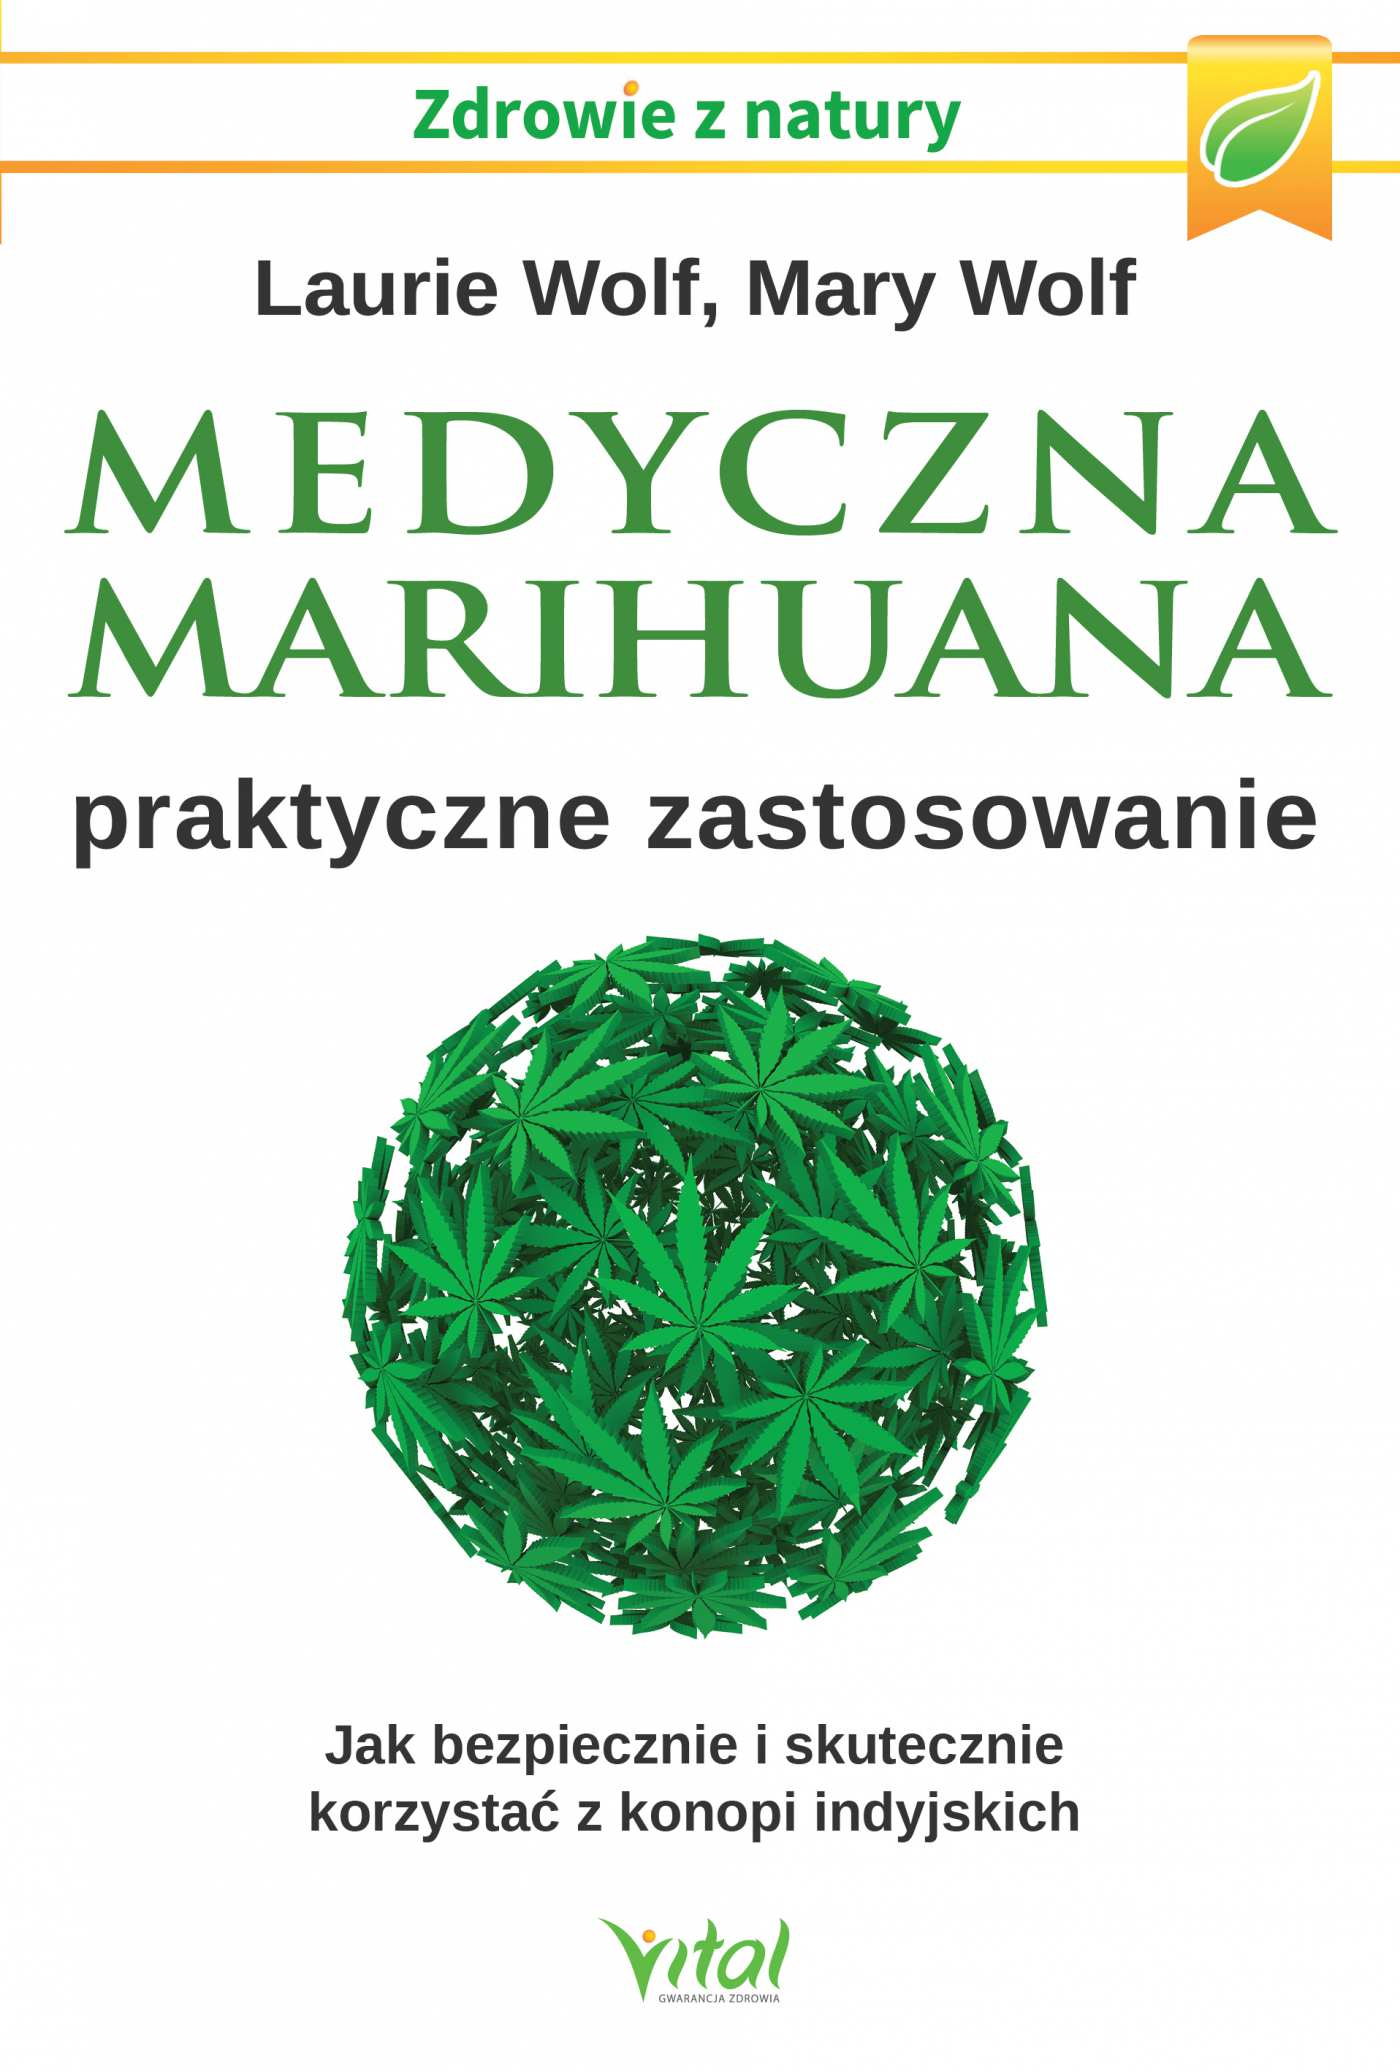 Medyczna marihuana – praktyczne zastosowanie. Jak bezpiecznie i skutecznie korzystać z konopi indyjskich - Ebook (Książka PDF) do pobrania w formacie PDF